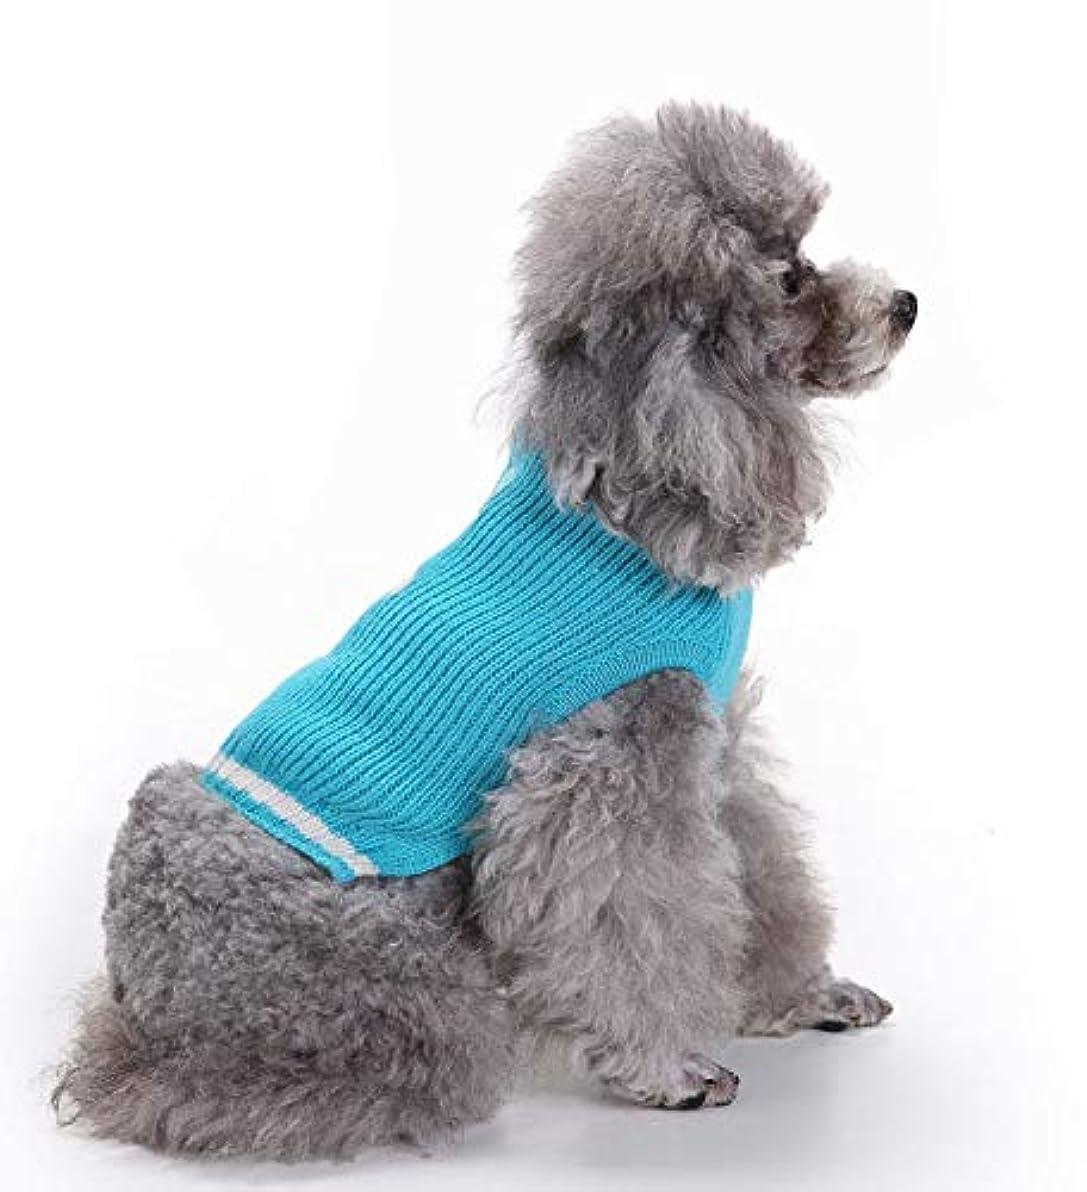 降雨融合珍しいShiMin 犬の猫ペット秋と冬の青いニットの服、高襟、ラペル衣装、かわいいファッション美しいスタイルの肥厚ペットのセーター (Size : M)